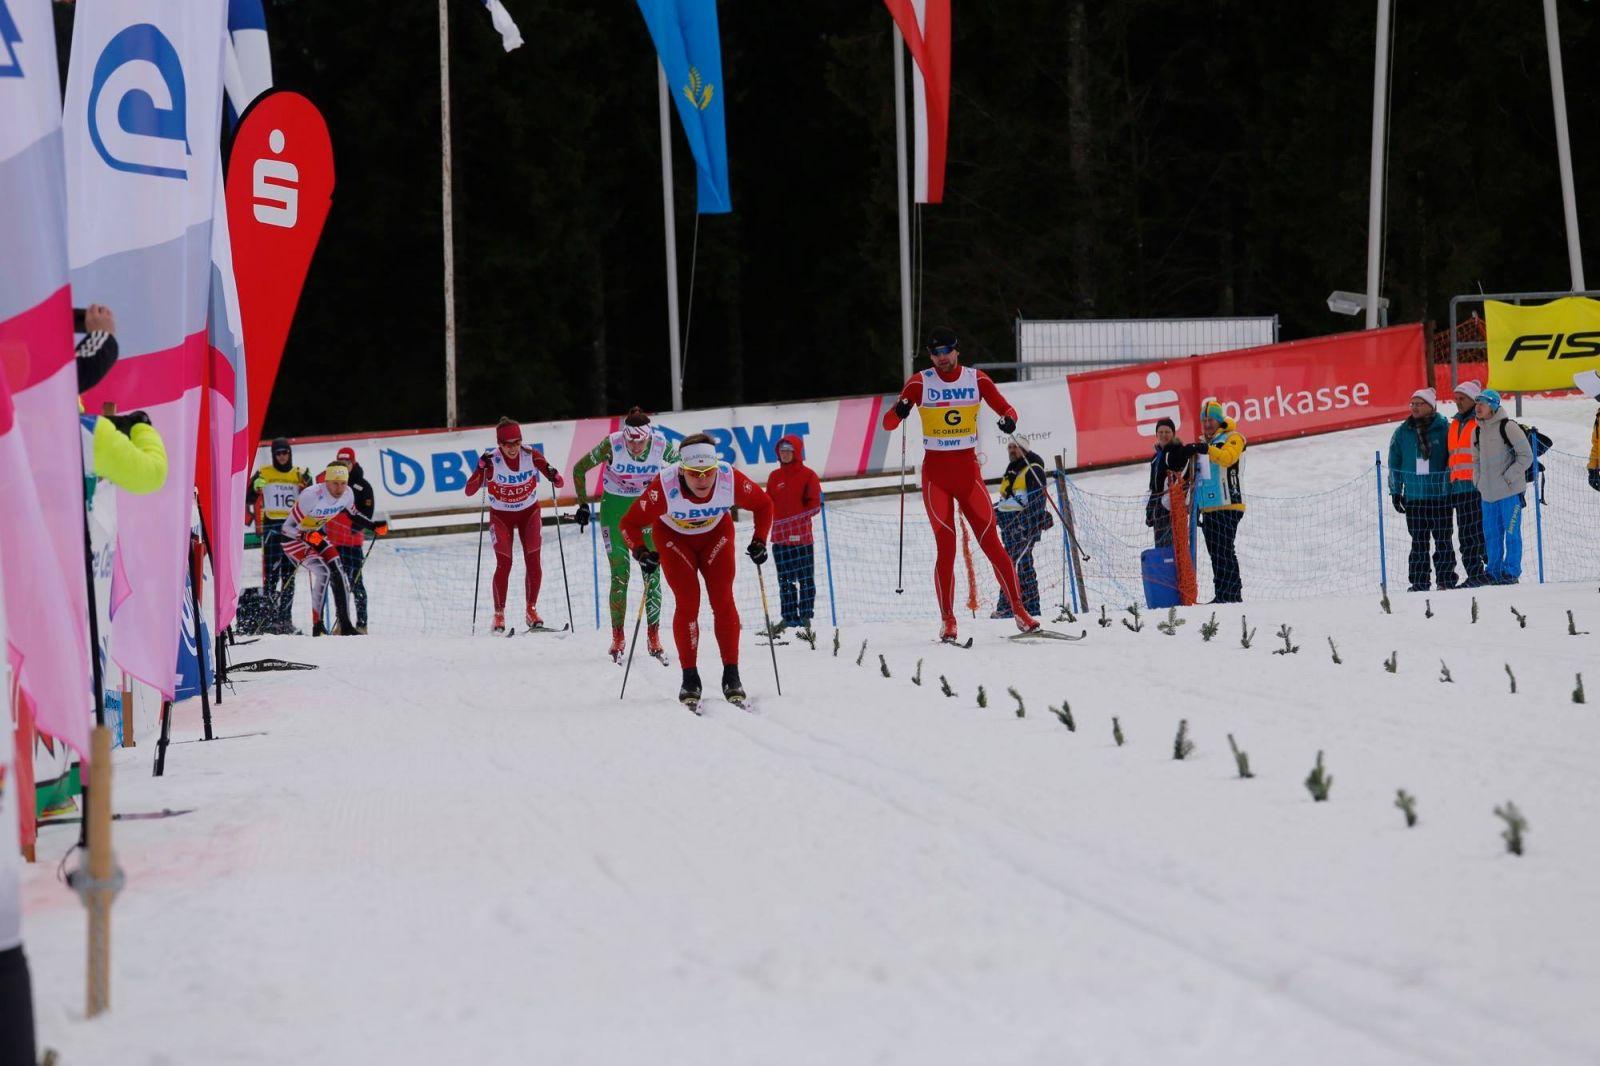 Российские спортсмены с ПОДА завоевали 14 золотых, 16 серебряных и 12 бронзовых медалей и выиграли общекомандный зачет заключительного этапа Кубка мира по лыжным гонкам и биатлону в Финляндии